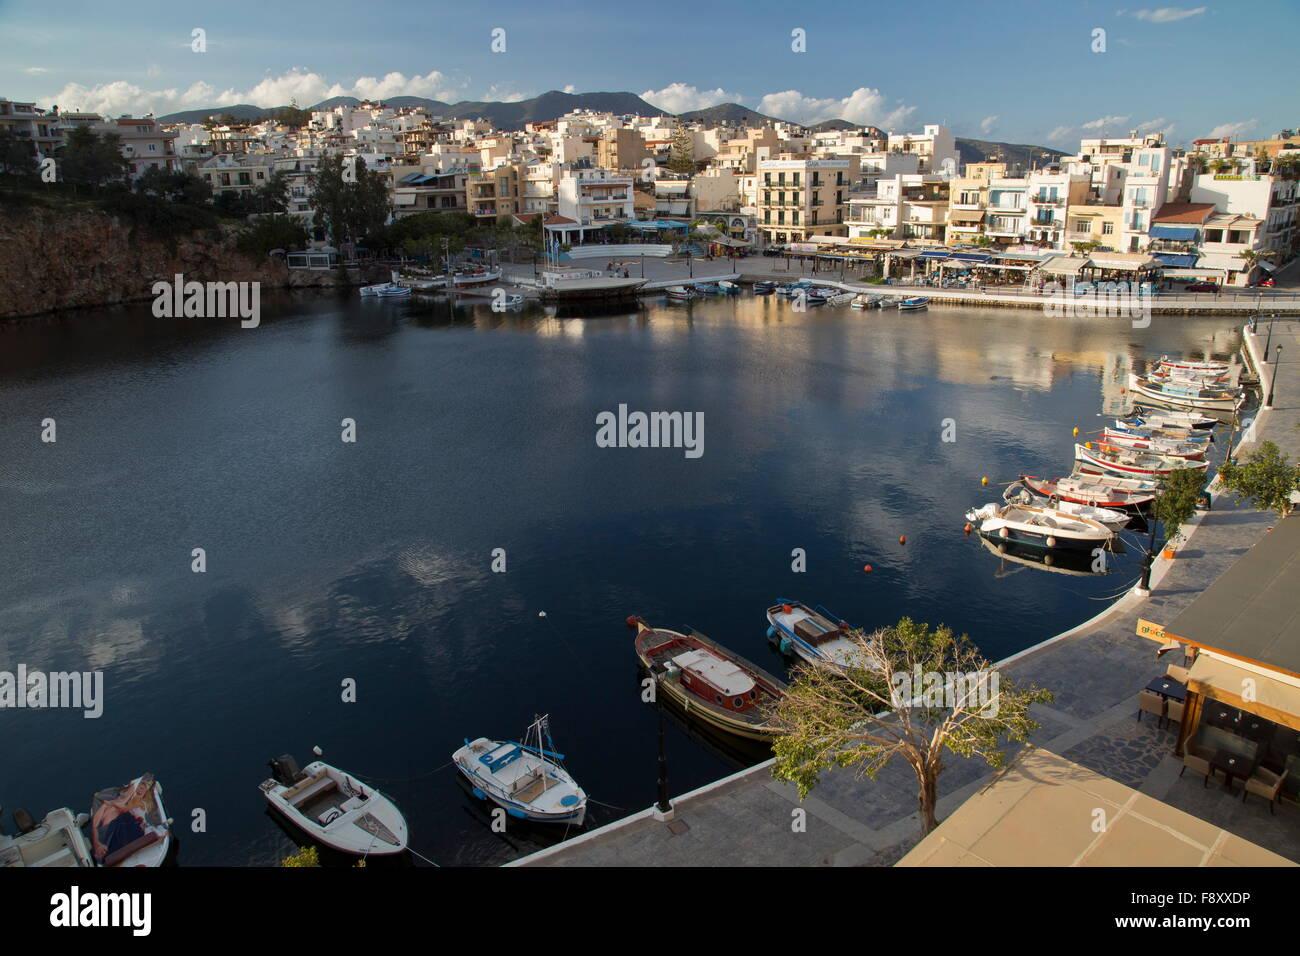 Lake Voulismeni in the centre of Aghios Nikolaos, Crete, Greece. Stock Photo